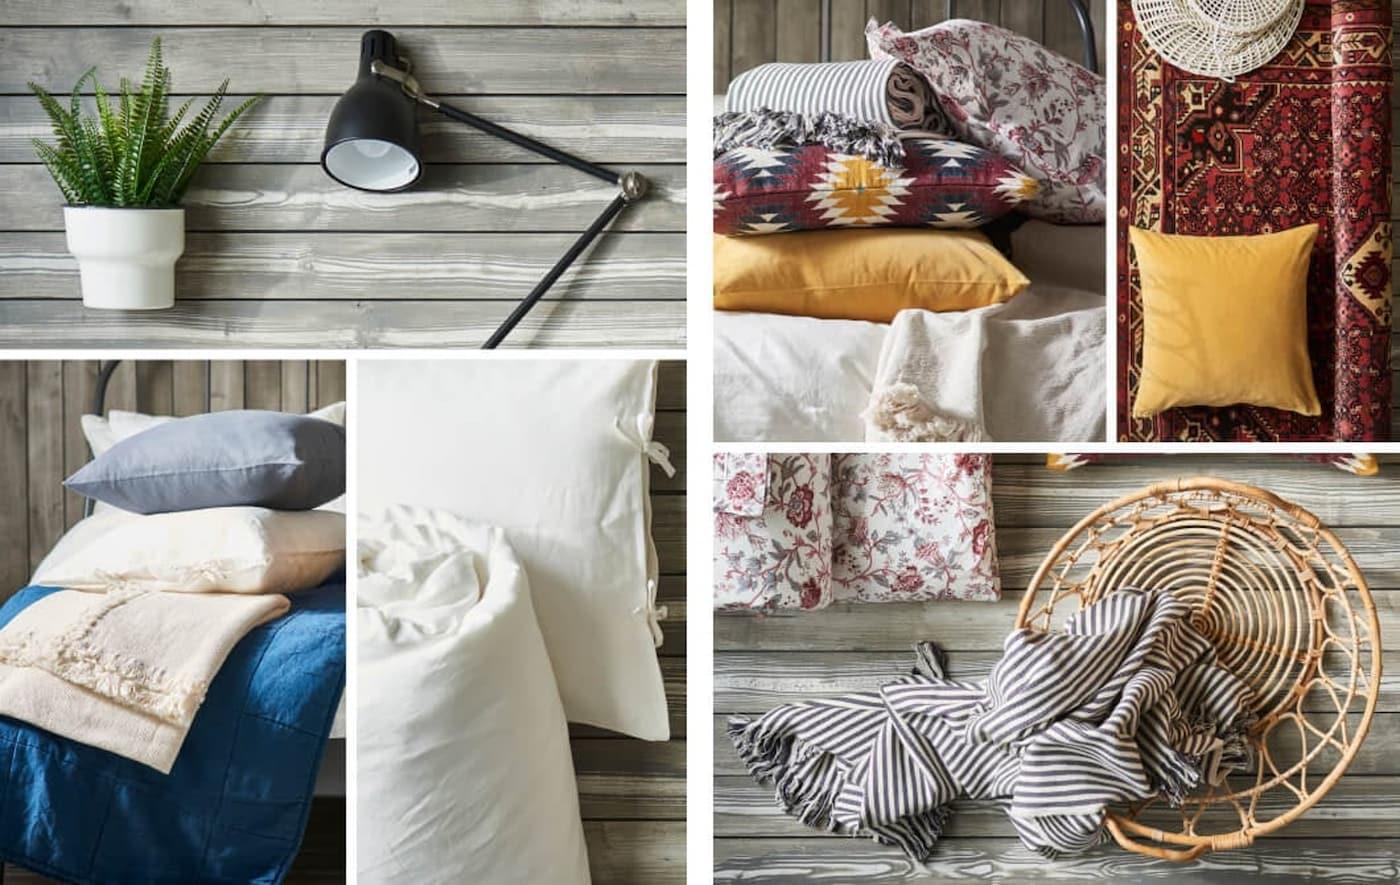 Landelijke slaapkamer - slaapkamer inspiratie - boho slaapkamer - IKEA wooninspiratie